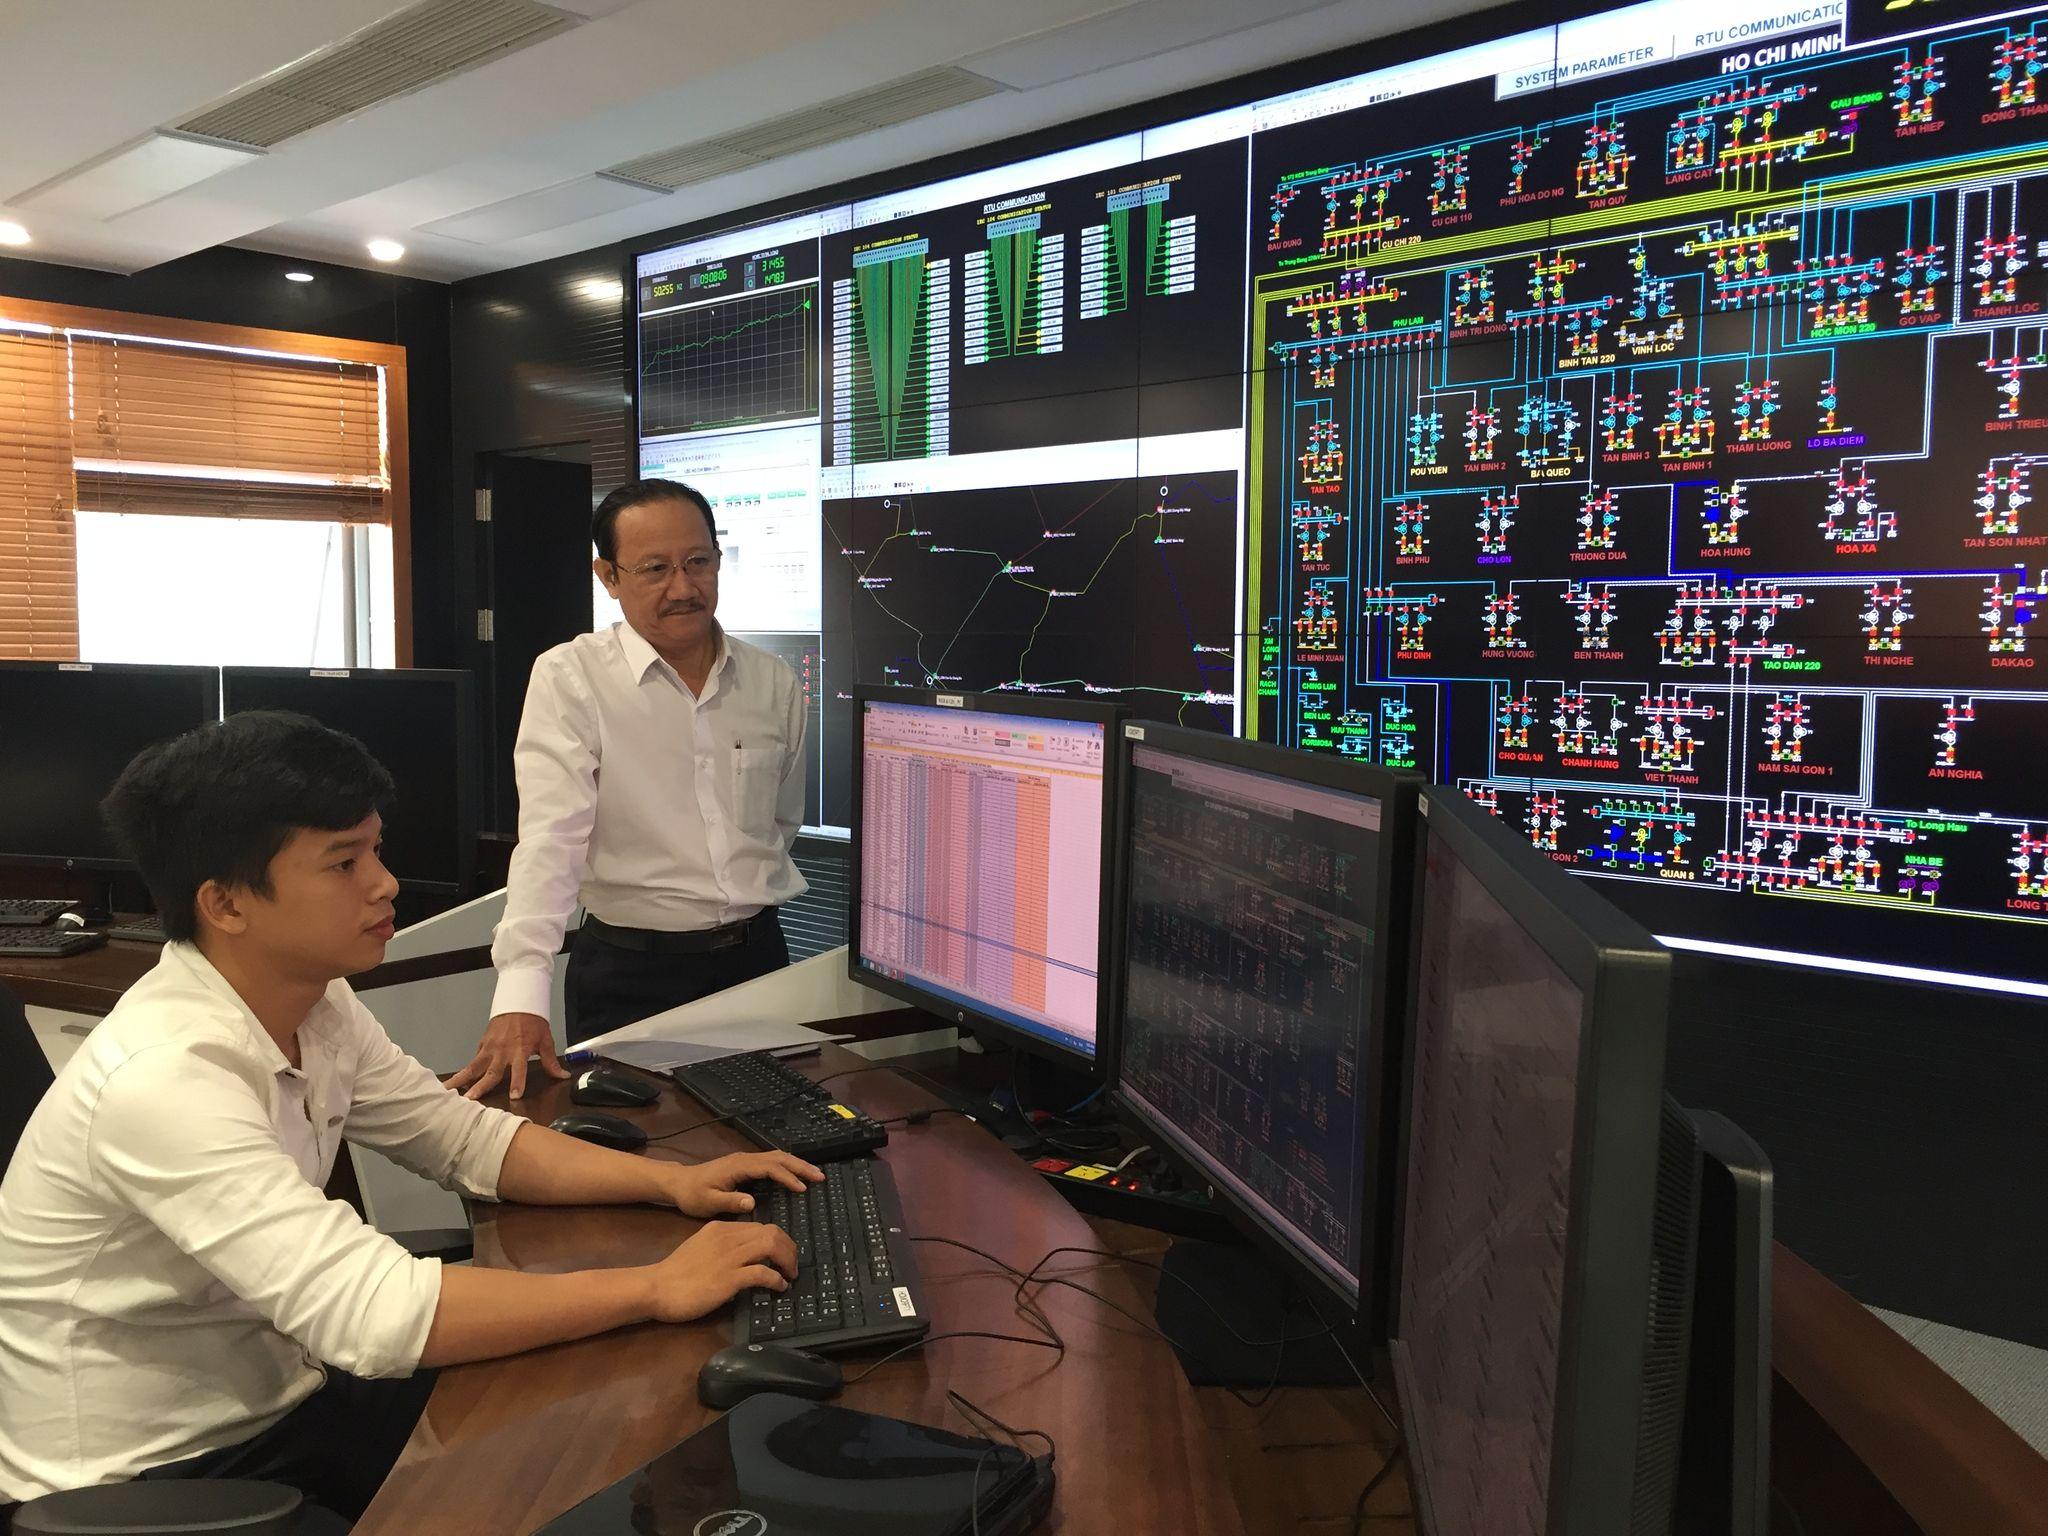 EVNHCMC tăng cường công tác kiểm tra lưới điện nhằm phát hiện kịp thời, không để phát sinh việc vi phạm hành lang bảo vệ an toàn lưới điện cao áp.